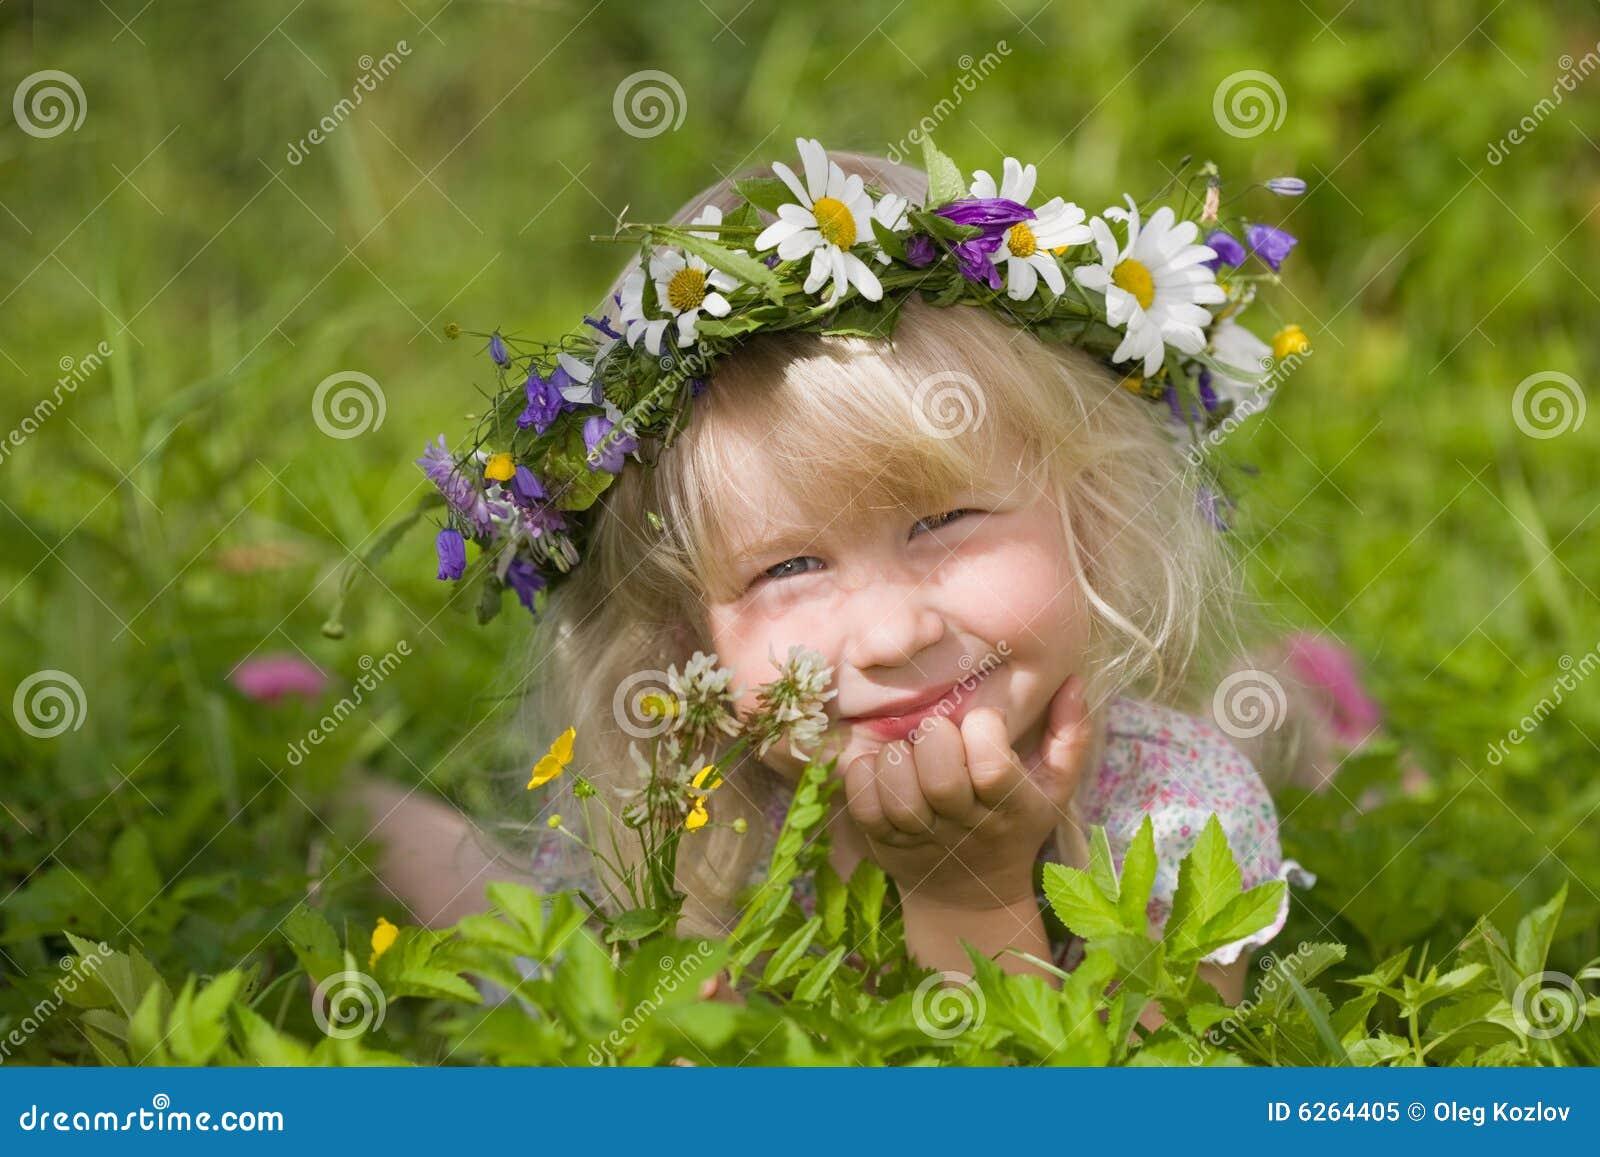 Happy little girl in flowers wreath